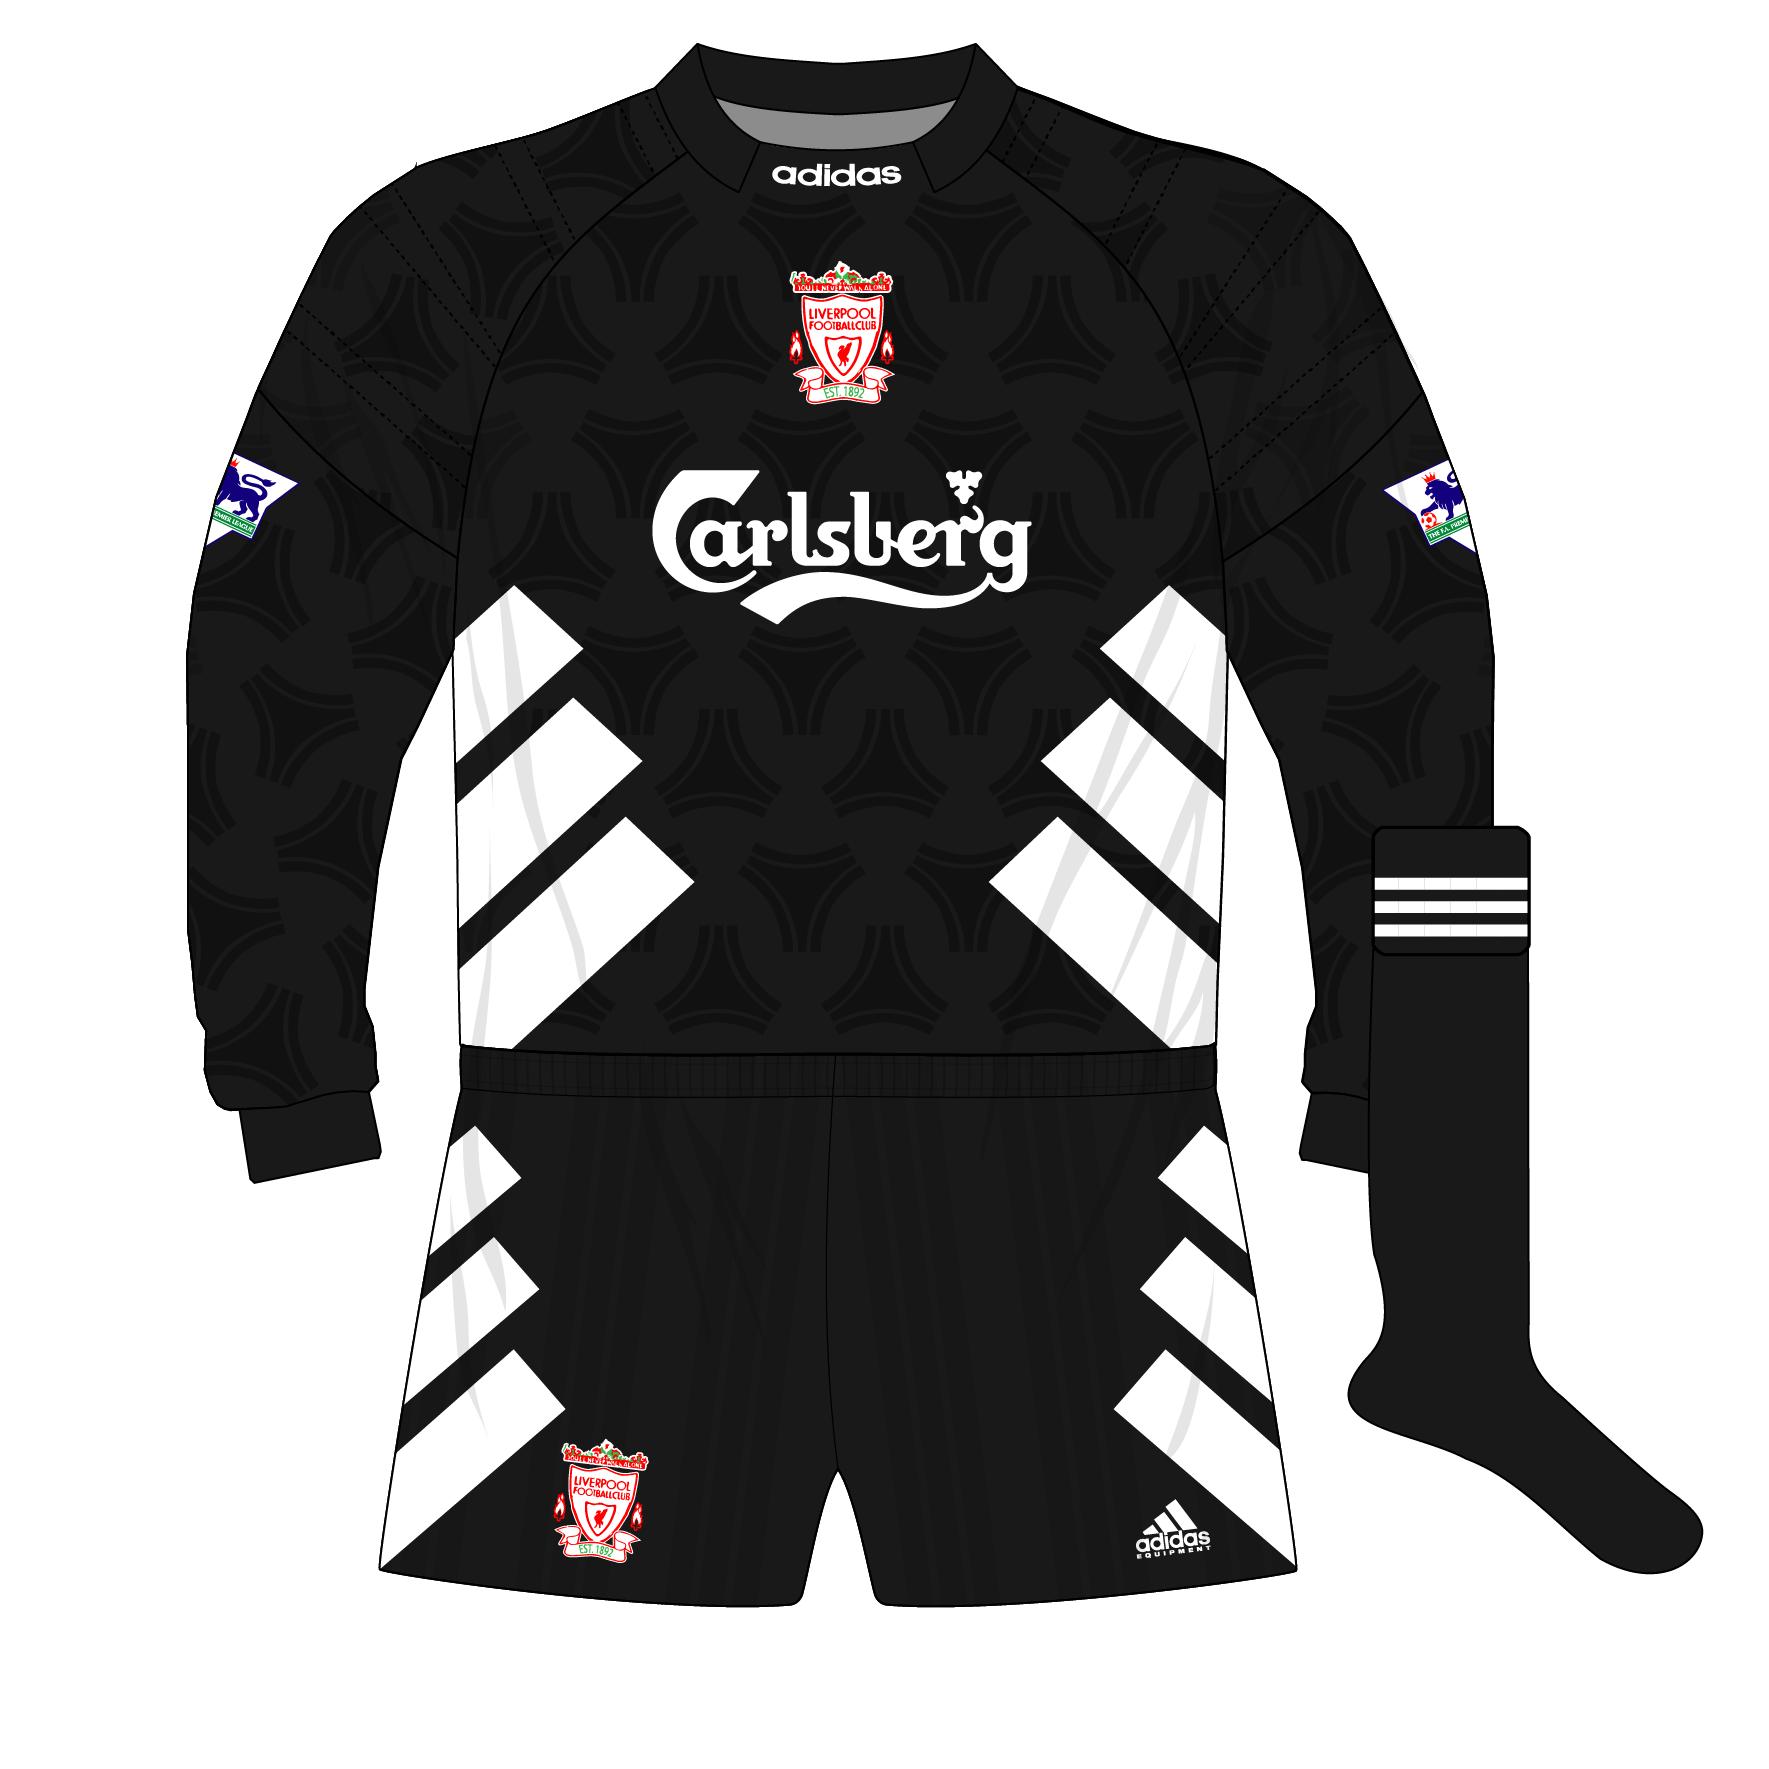 Liverpool 1993 1994 Home Goalkeeper Shirt Black Adidas Equipment 01 Museum Of Jerseys